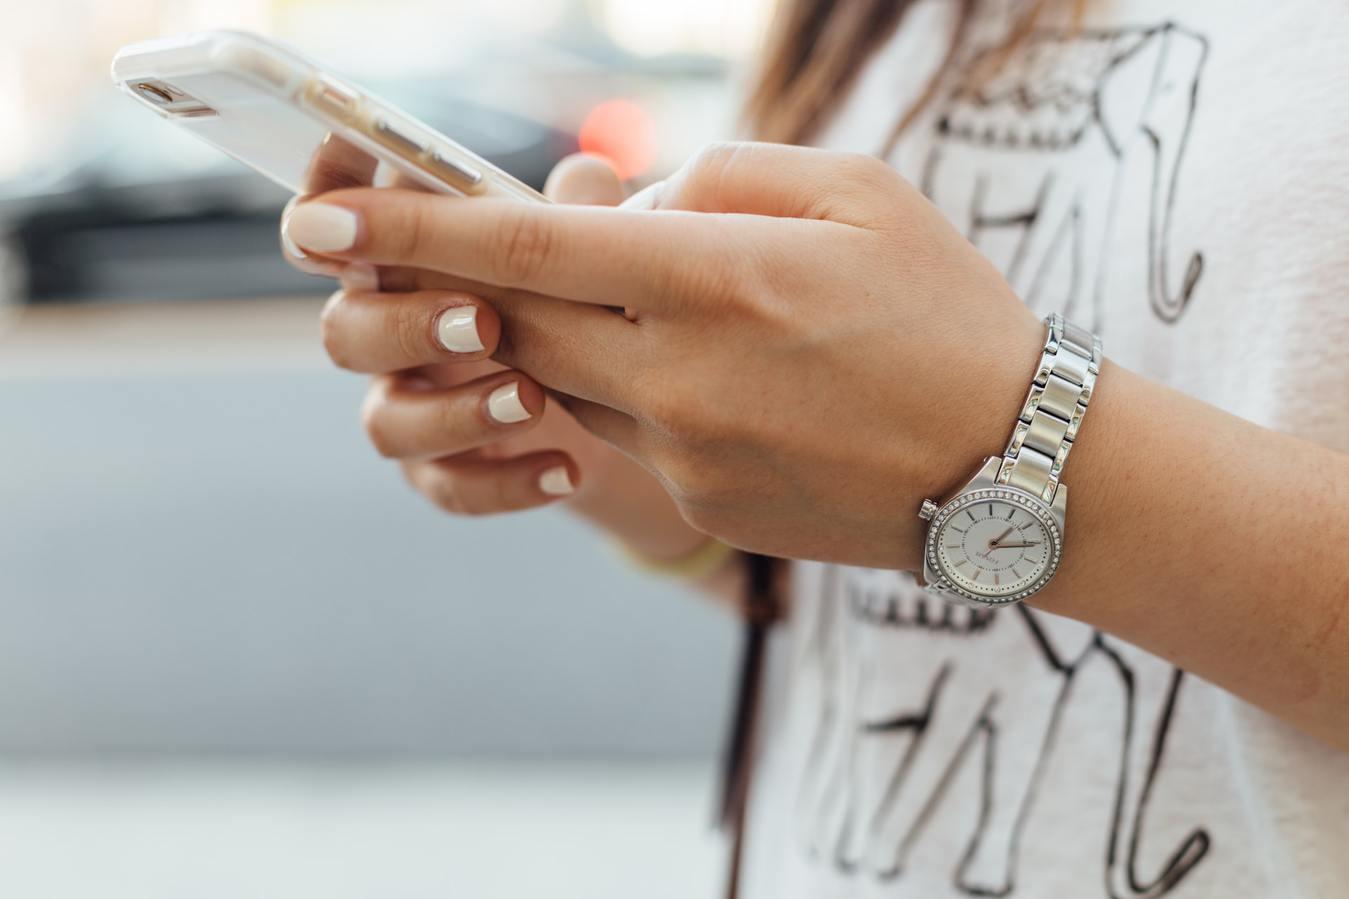 Wanita memakai jam tangan sedang menggunakan handphone